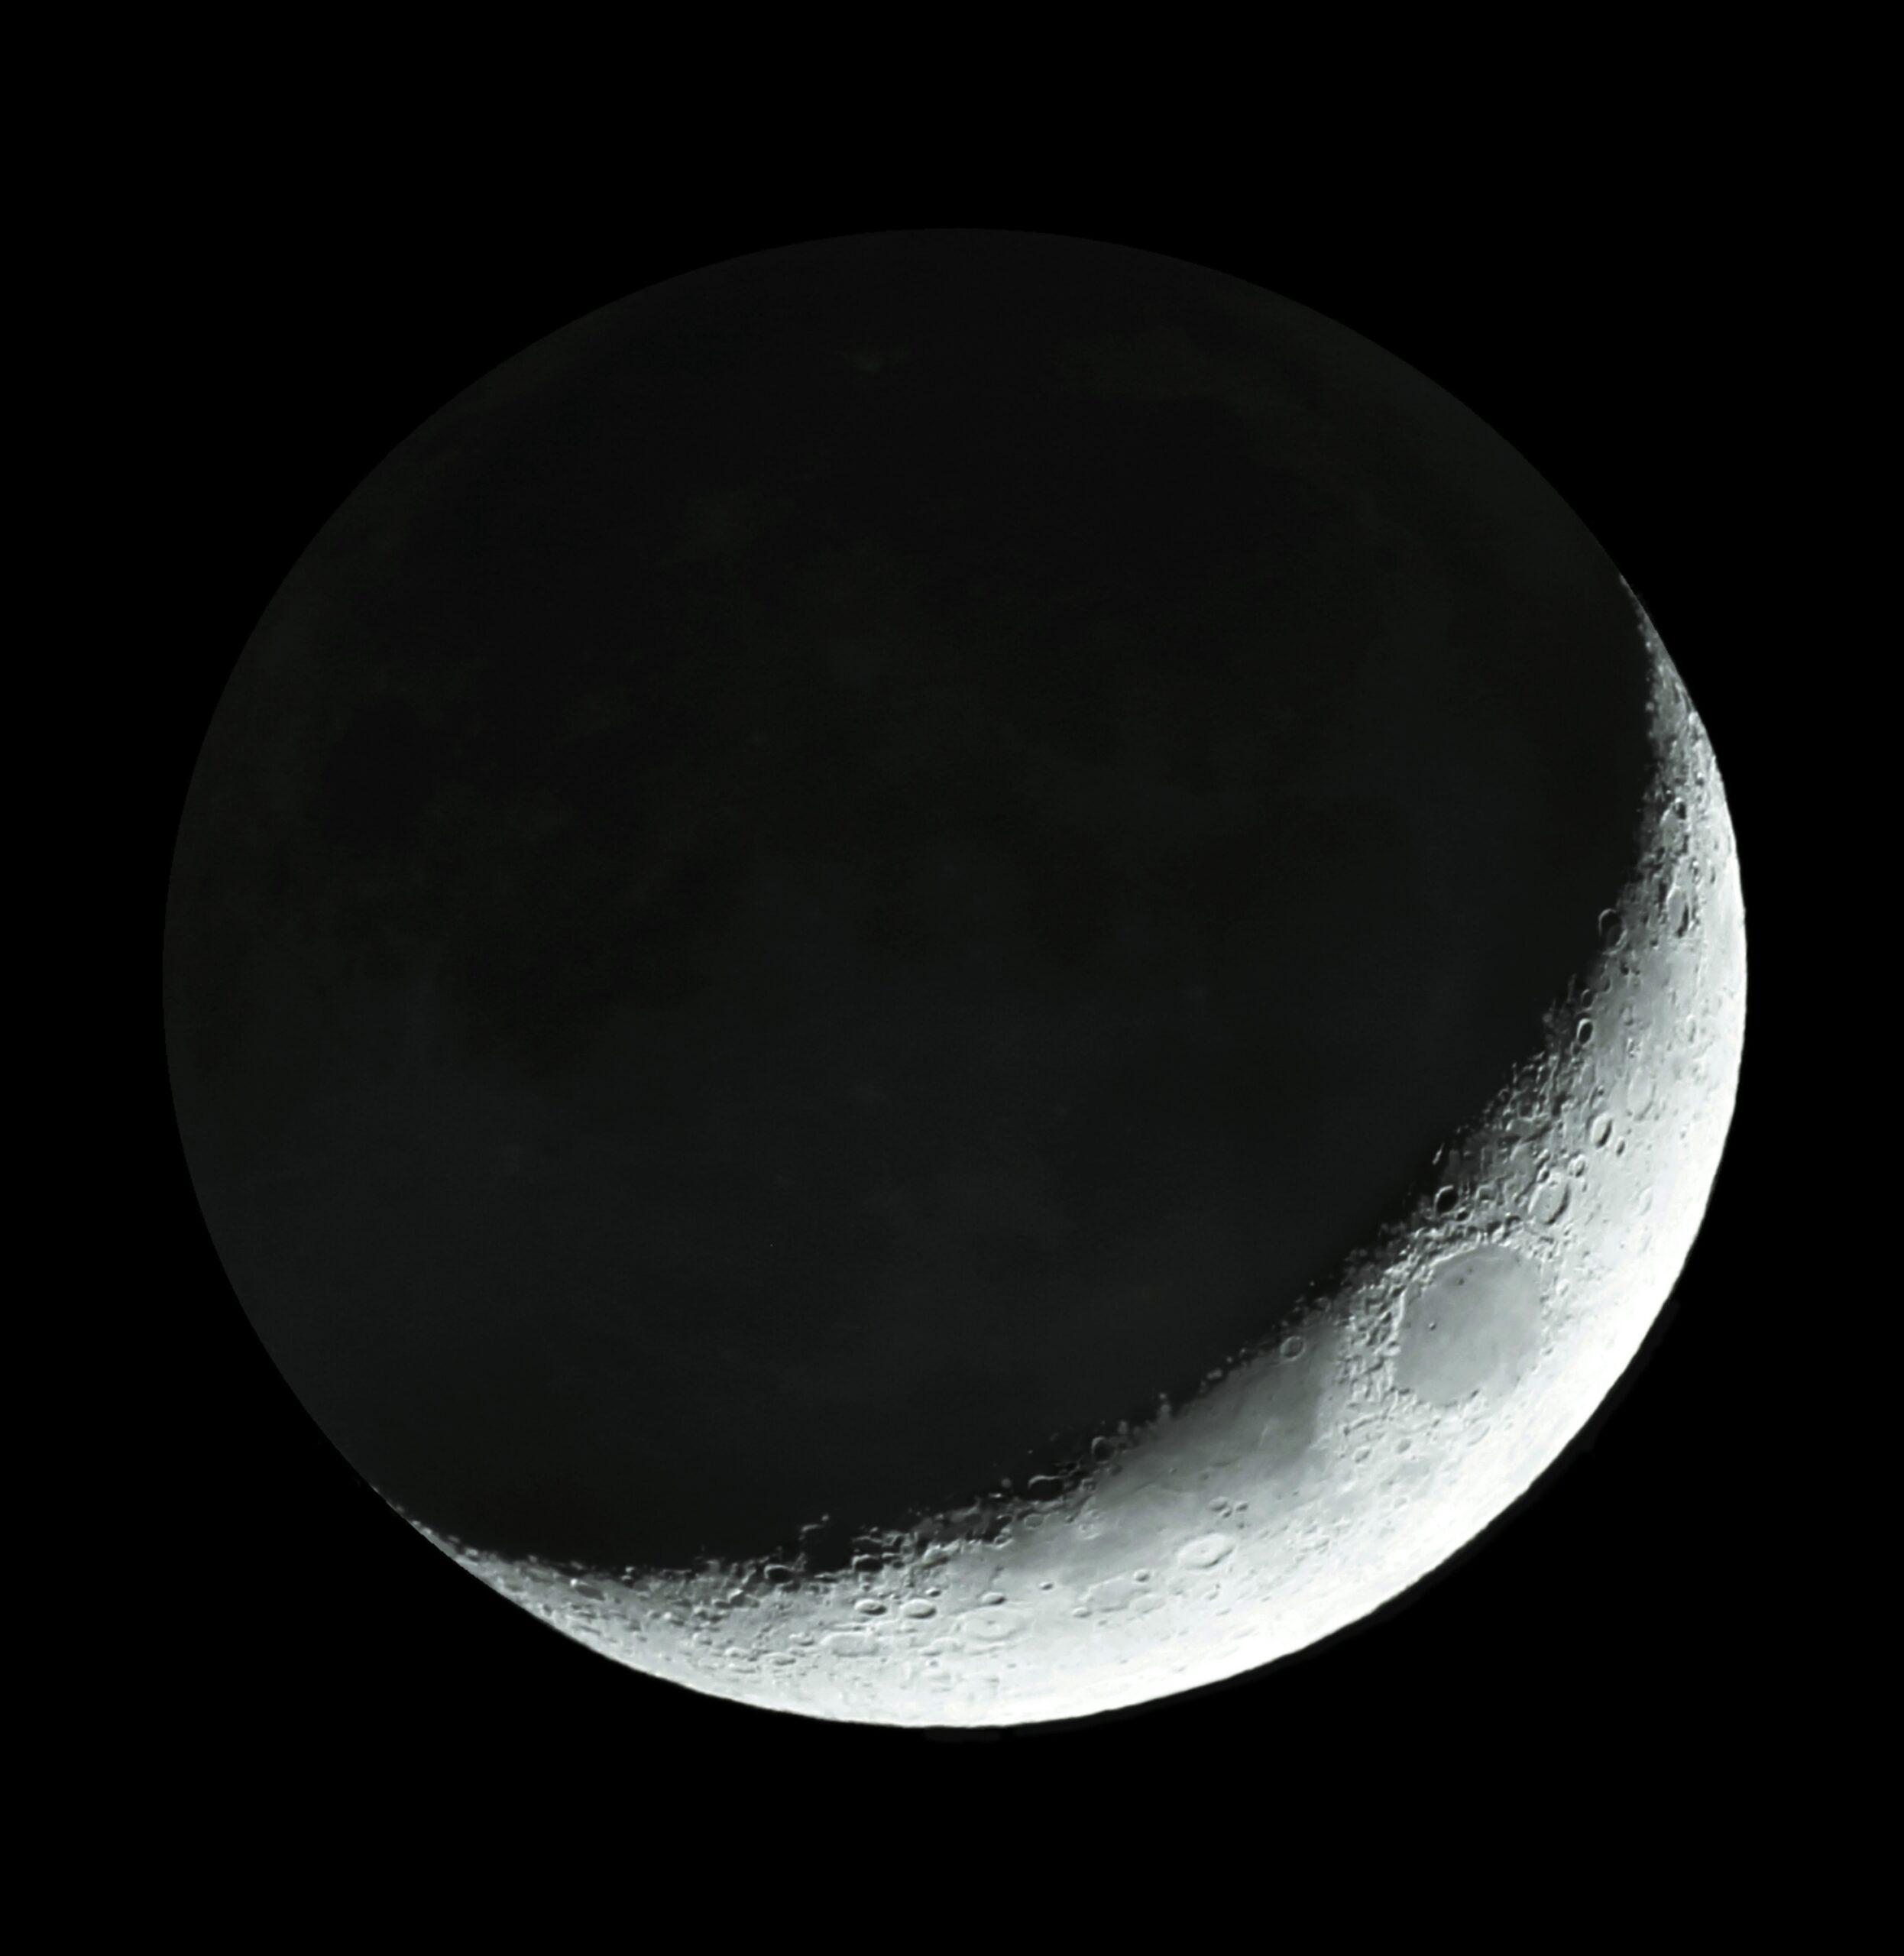 Falce di luna nuova sull'inizio d'un nuovo cammino | MEDIA INAF